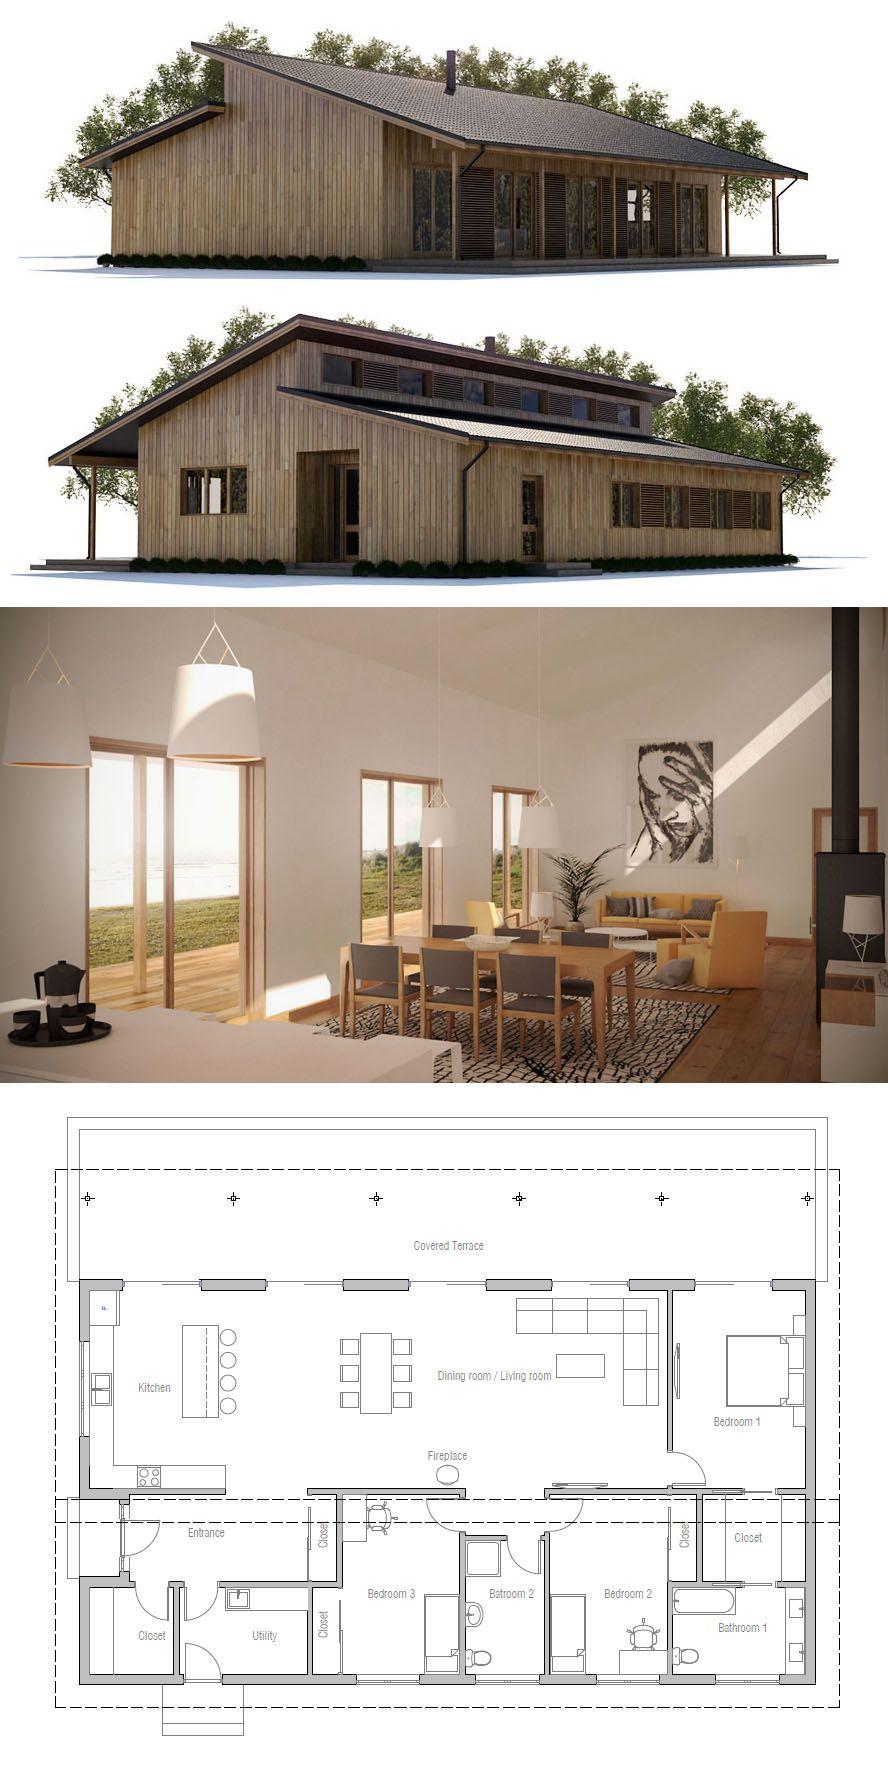 Plan De Maison Maison Maison Modernes Petite Maison House Plans